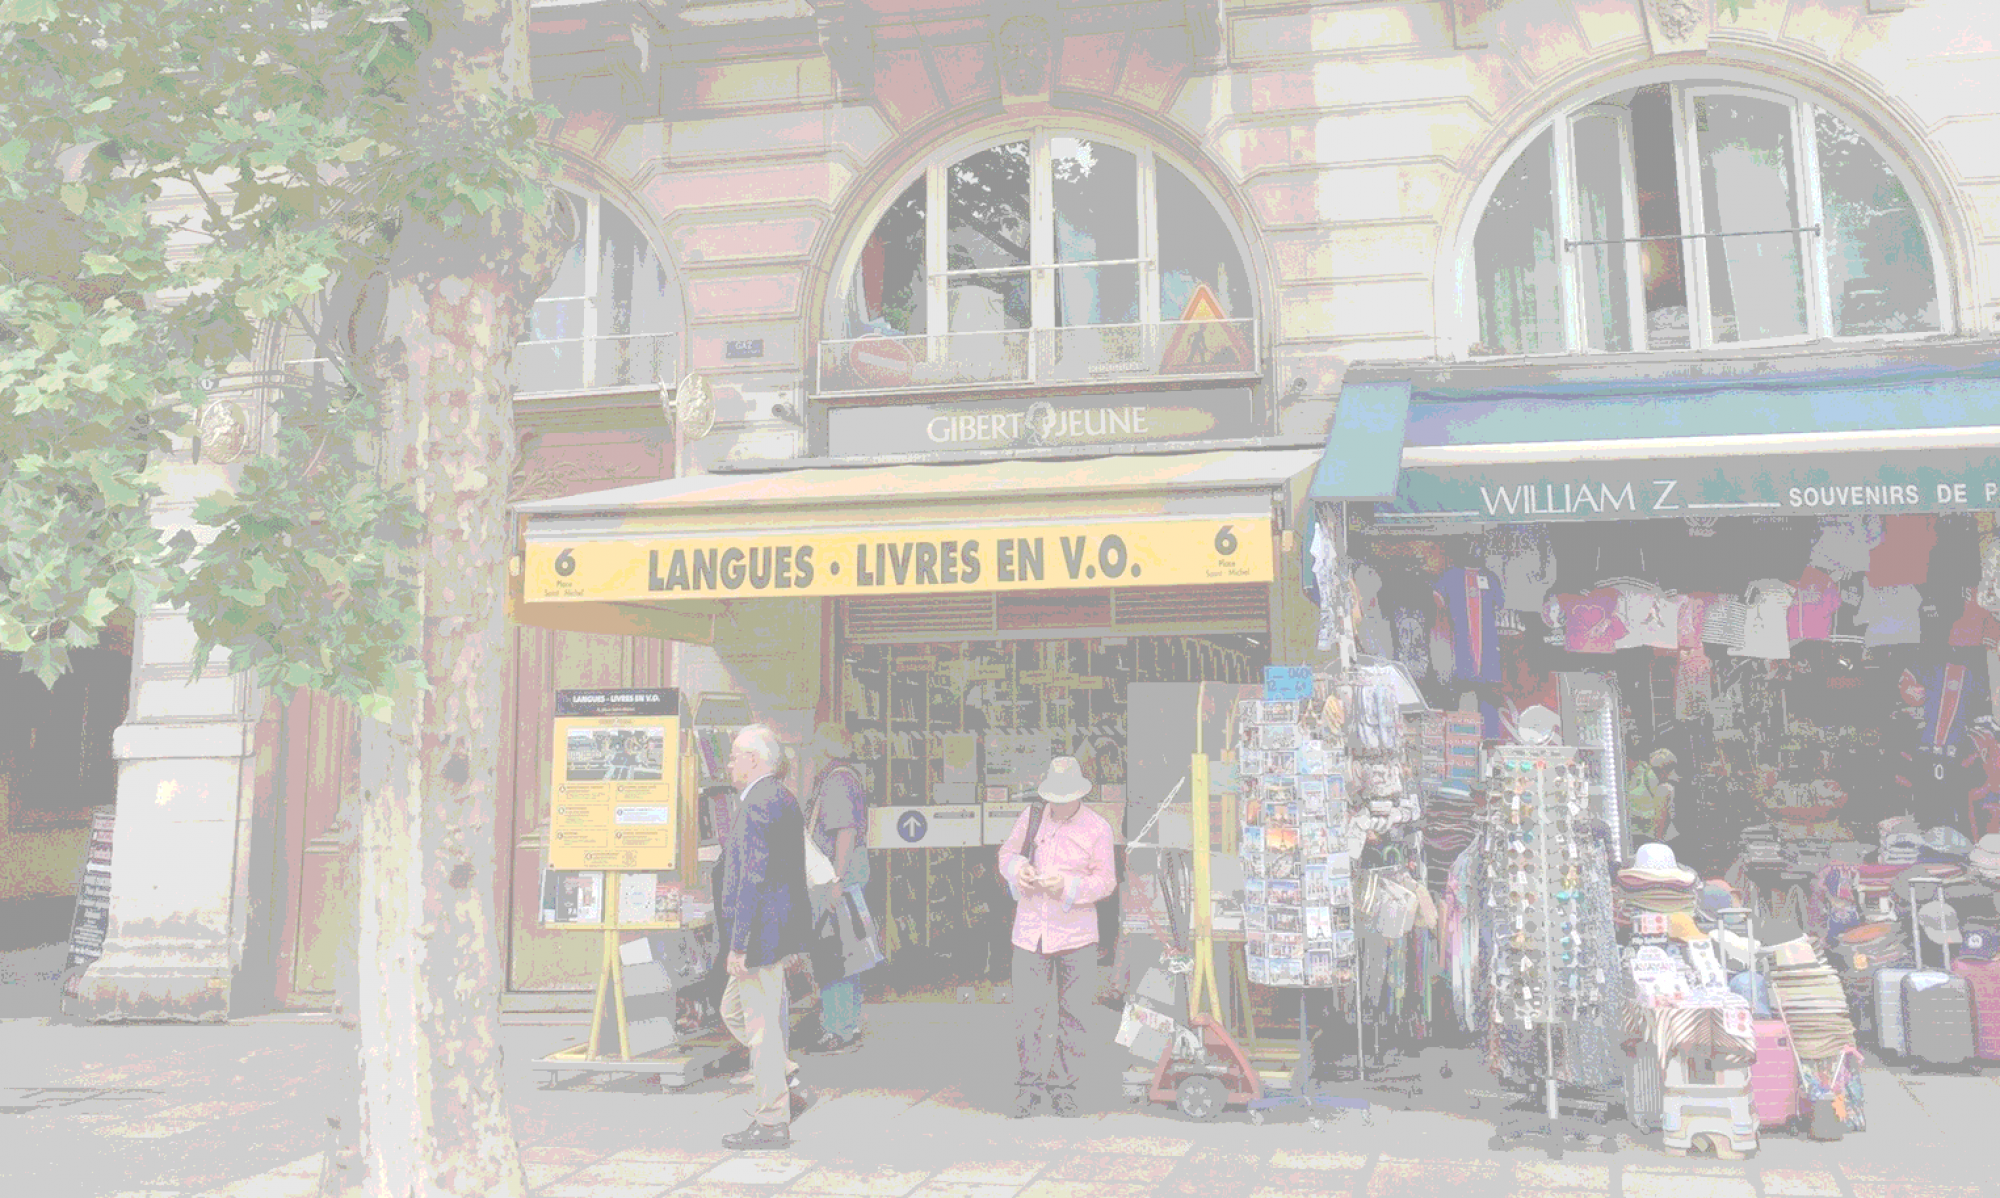 モン カイエ:私の外国語学習帳